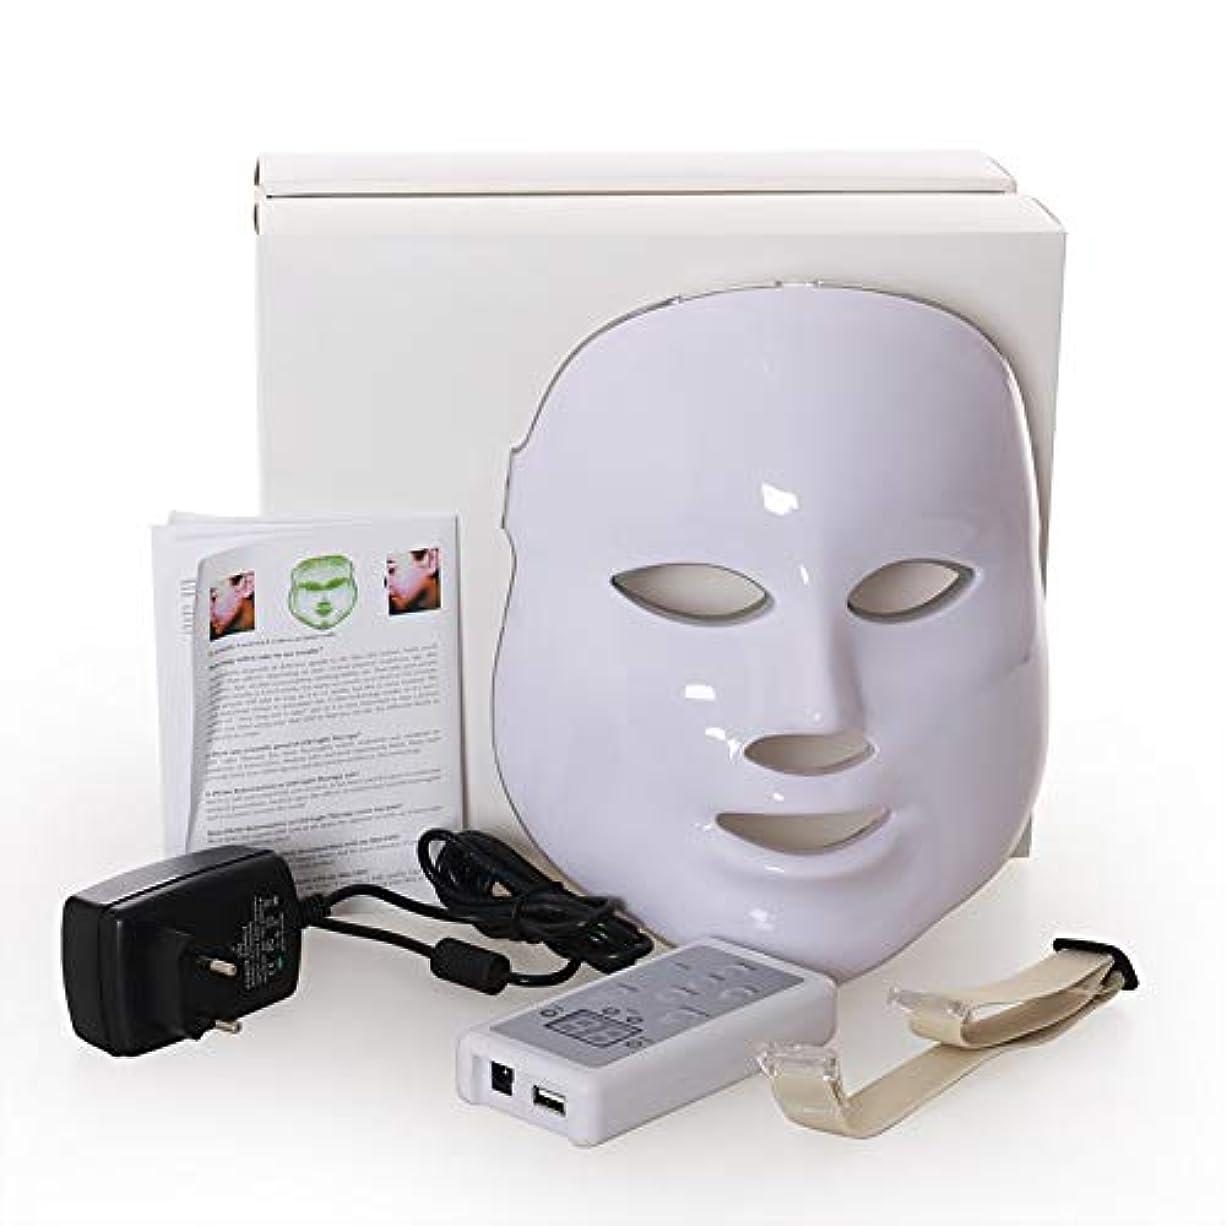 絶壁大騒ぎ金銭的Led のマスク、7色はしわ、にきび及び健康な皮の若返りのコラーゲン、反老化の美のマスクのための軽い療法の顔のスキンケアのマスクを導きました